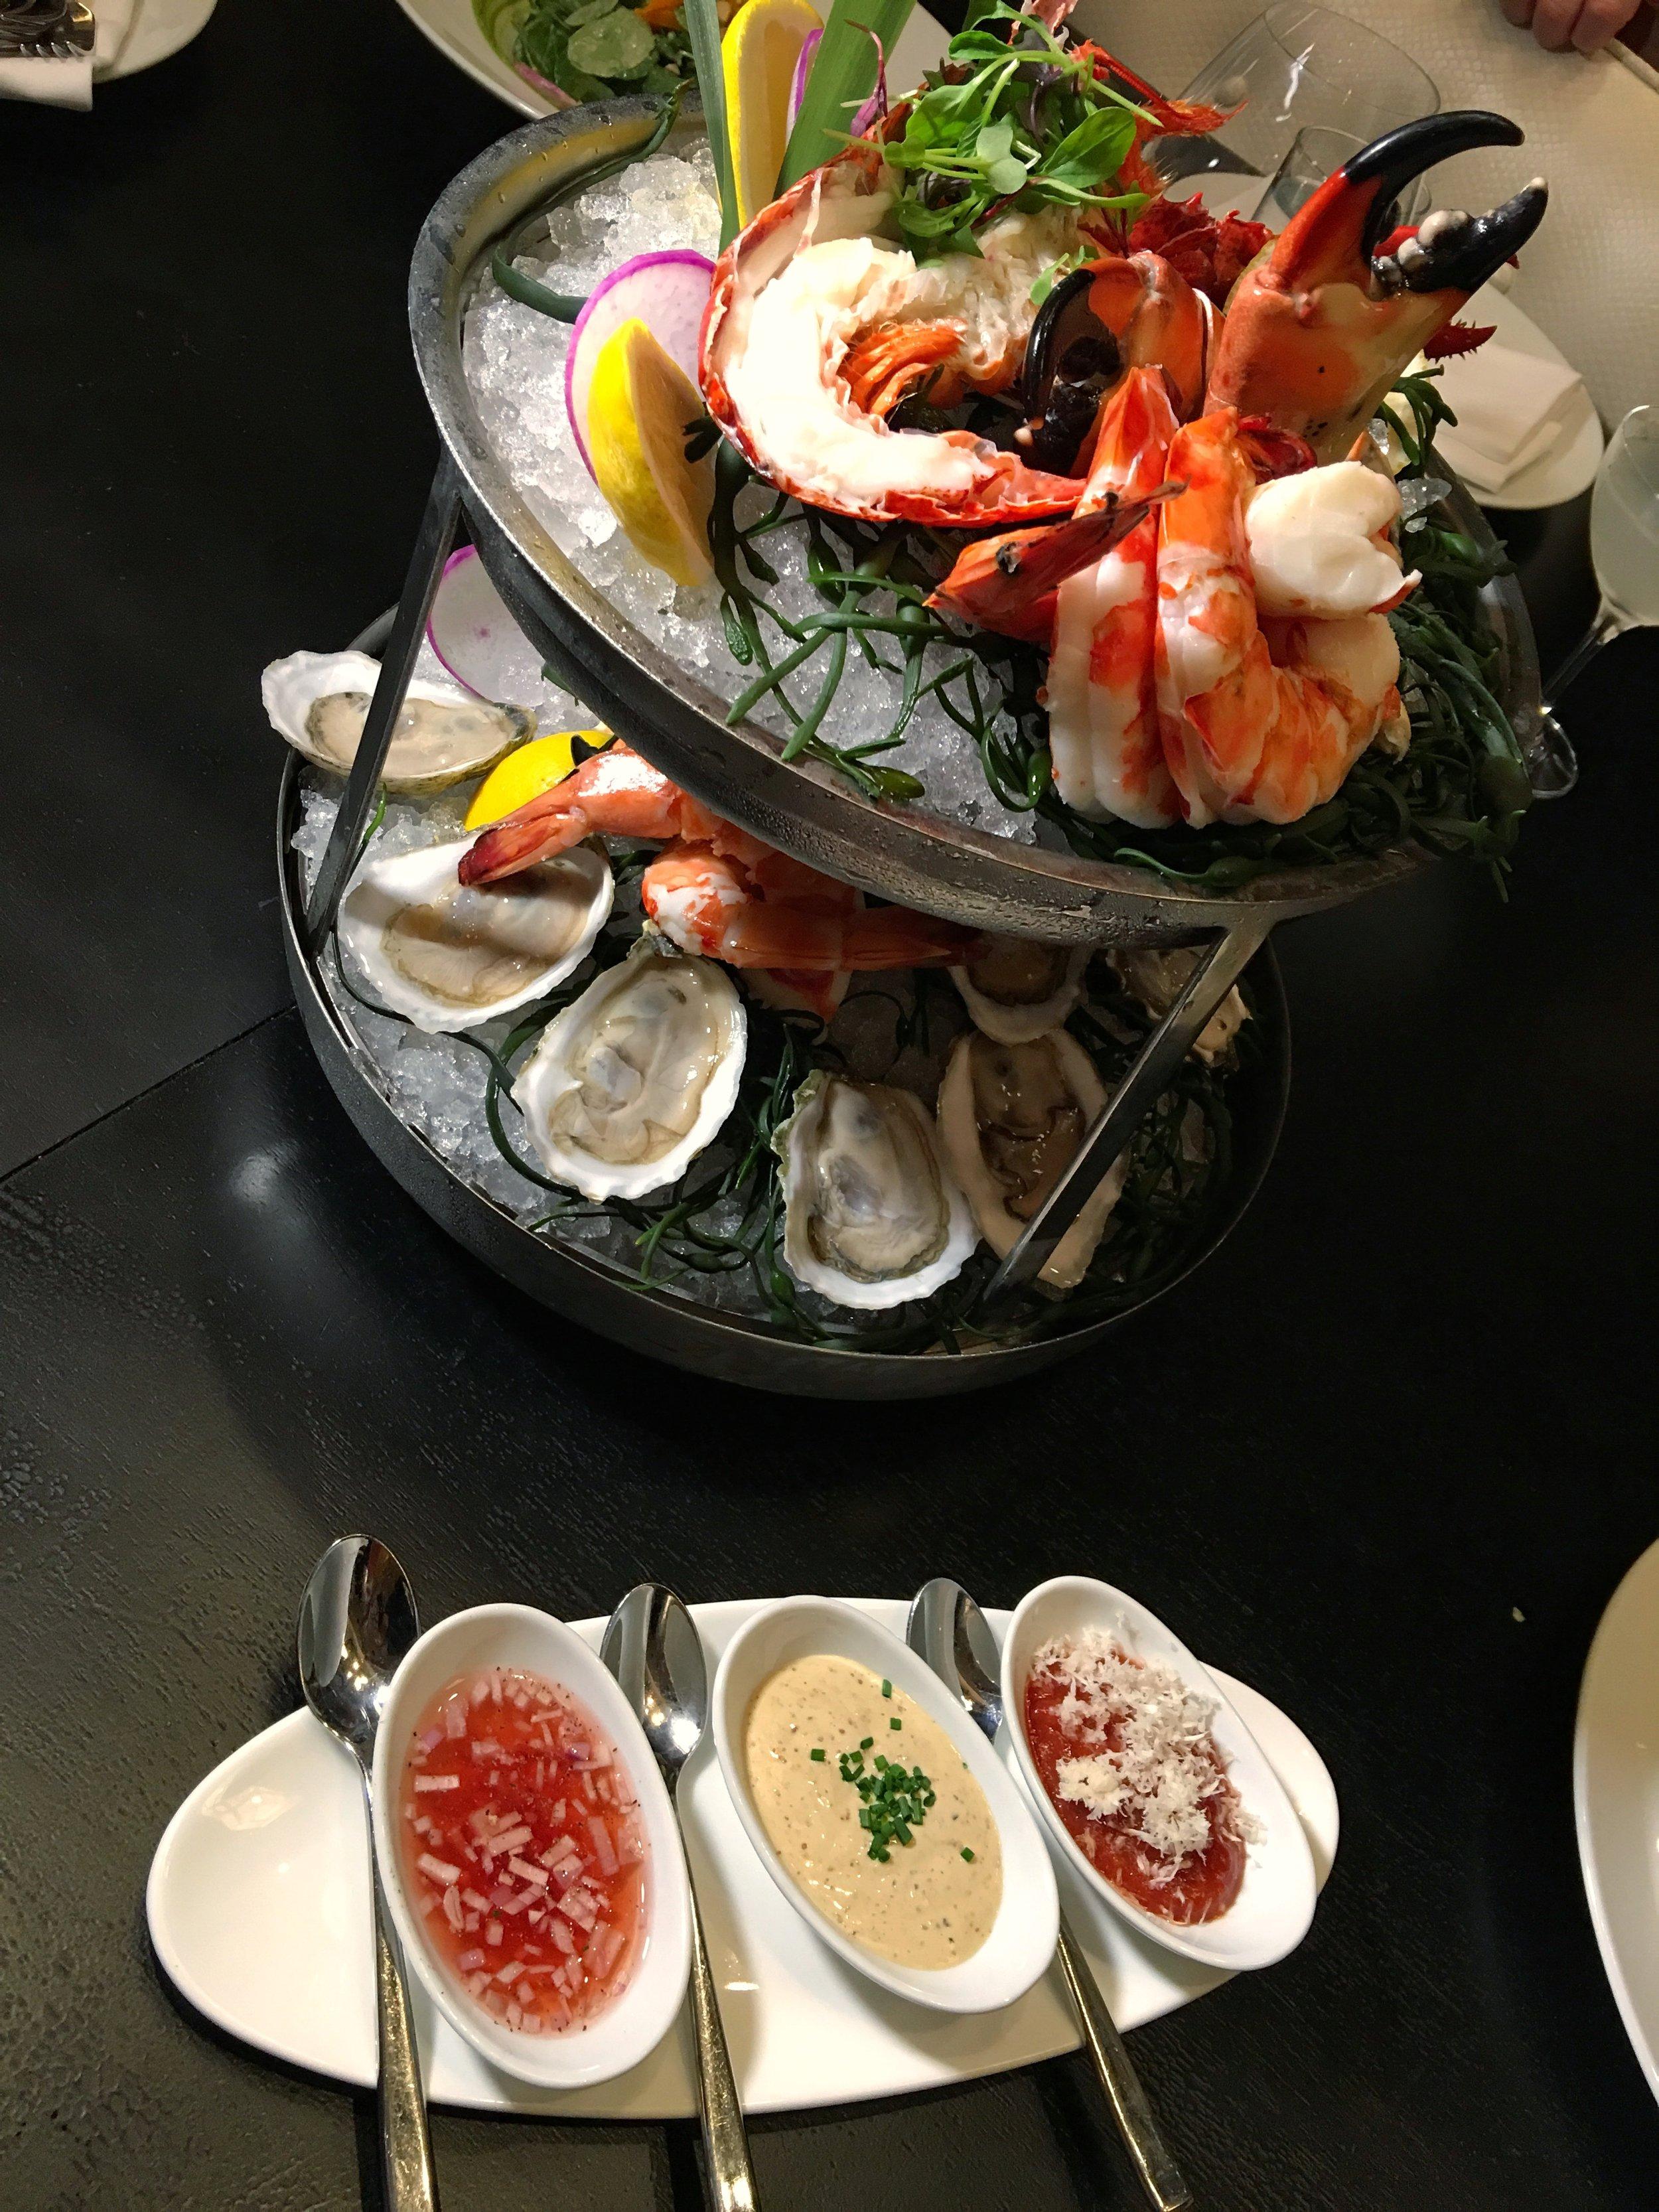 Diplomat Resort Prime Seafood Tower